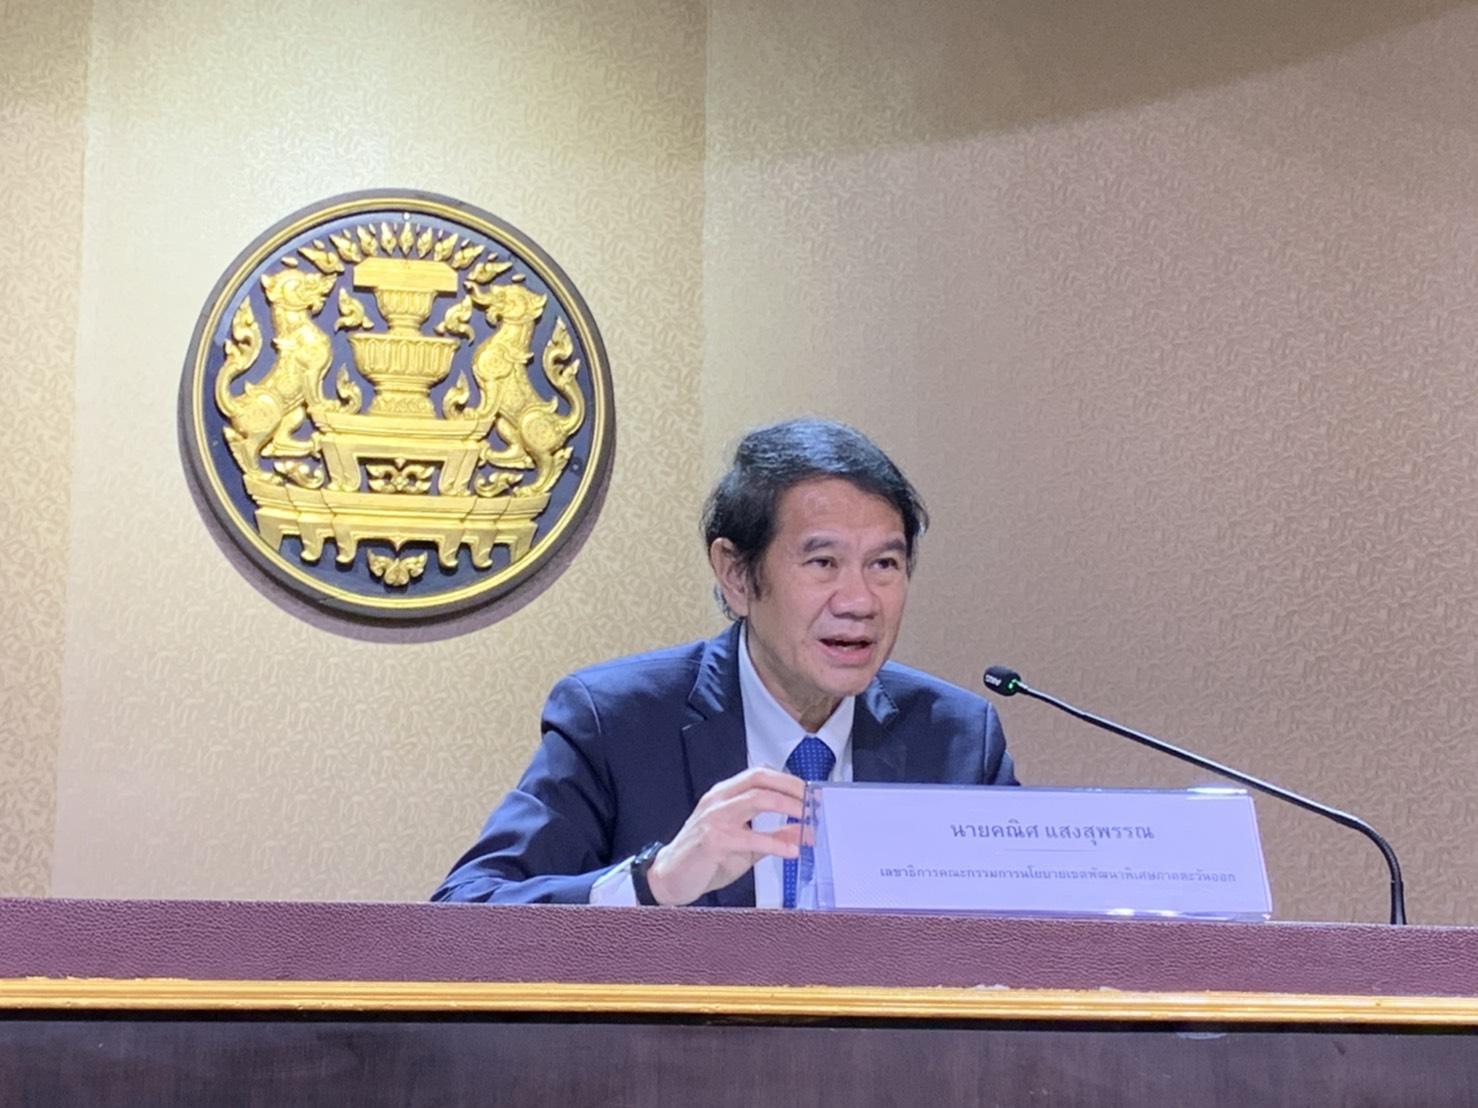 สรุปความคืบหน้าการประชุมคณะกรรมการนโยบายเขตพัฒนาพิเศษภาคตะวันออก ครั้งที่ 5/2563